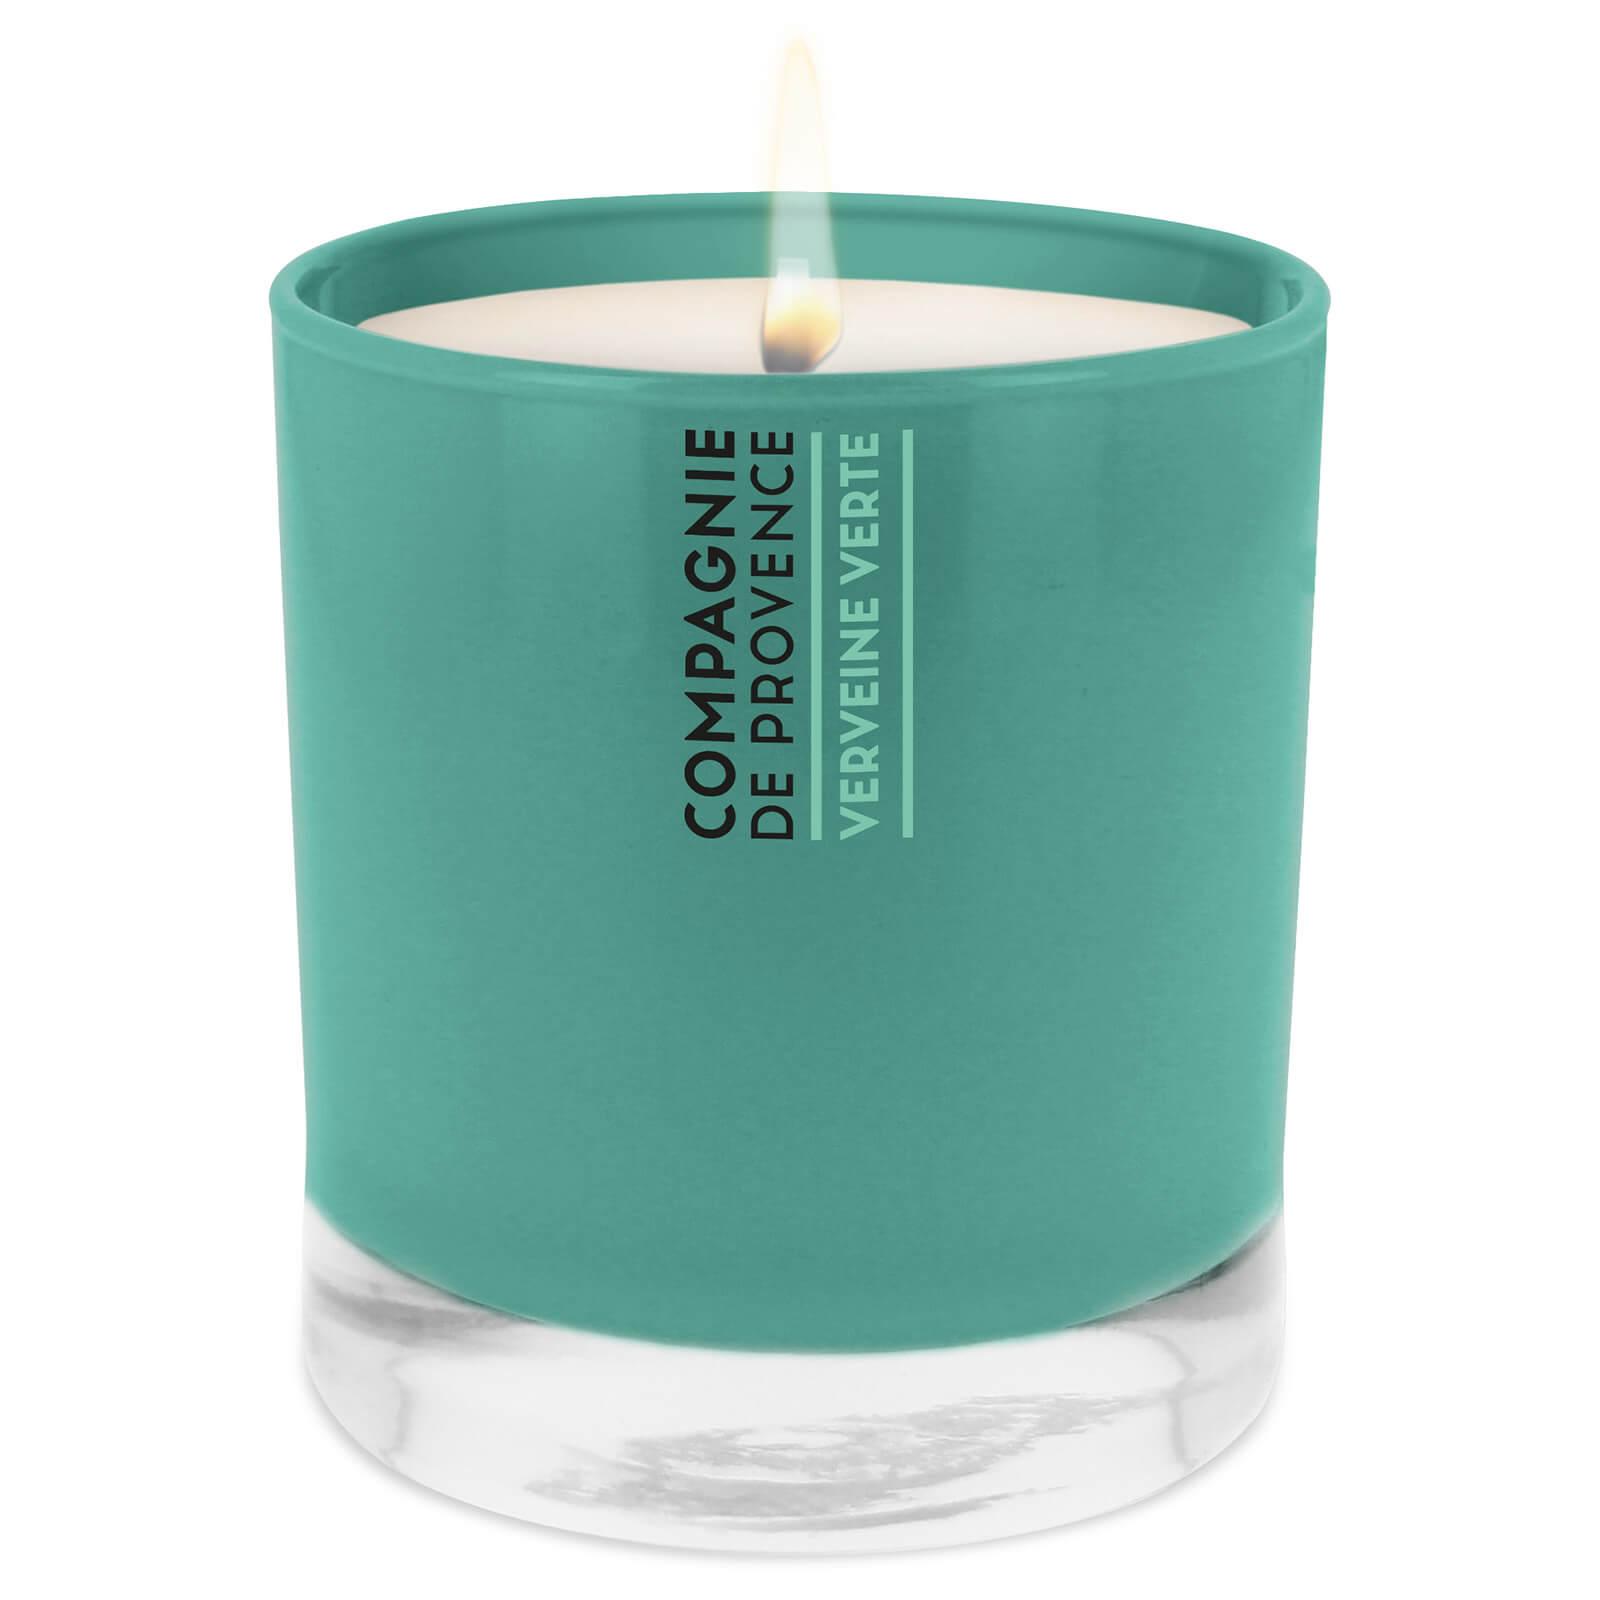 Купить Парфюмированная свеча Compagnie de Provence Green Verbena Scented Candle 260 г